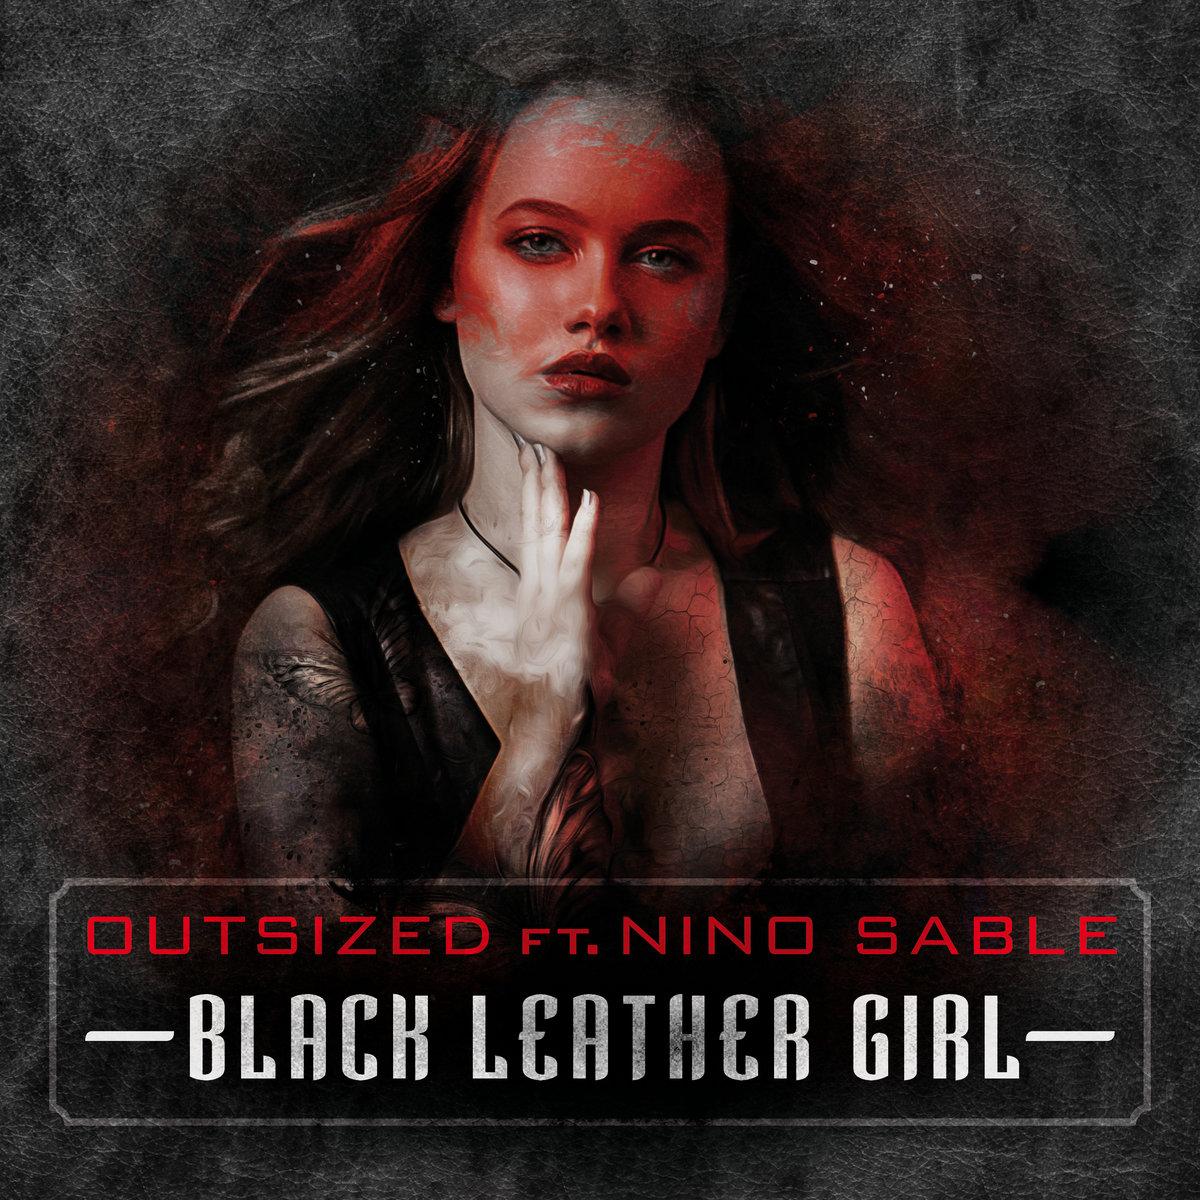 Outsized Feat. Nino Sable - BlackLeatherGirl - Outsized Feat. Nino Sable - BlackLeatherGirl